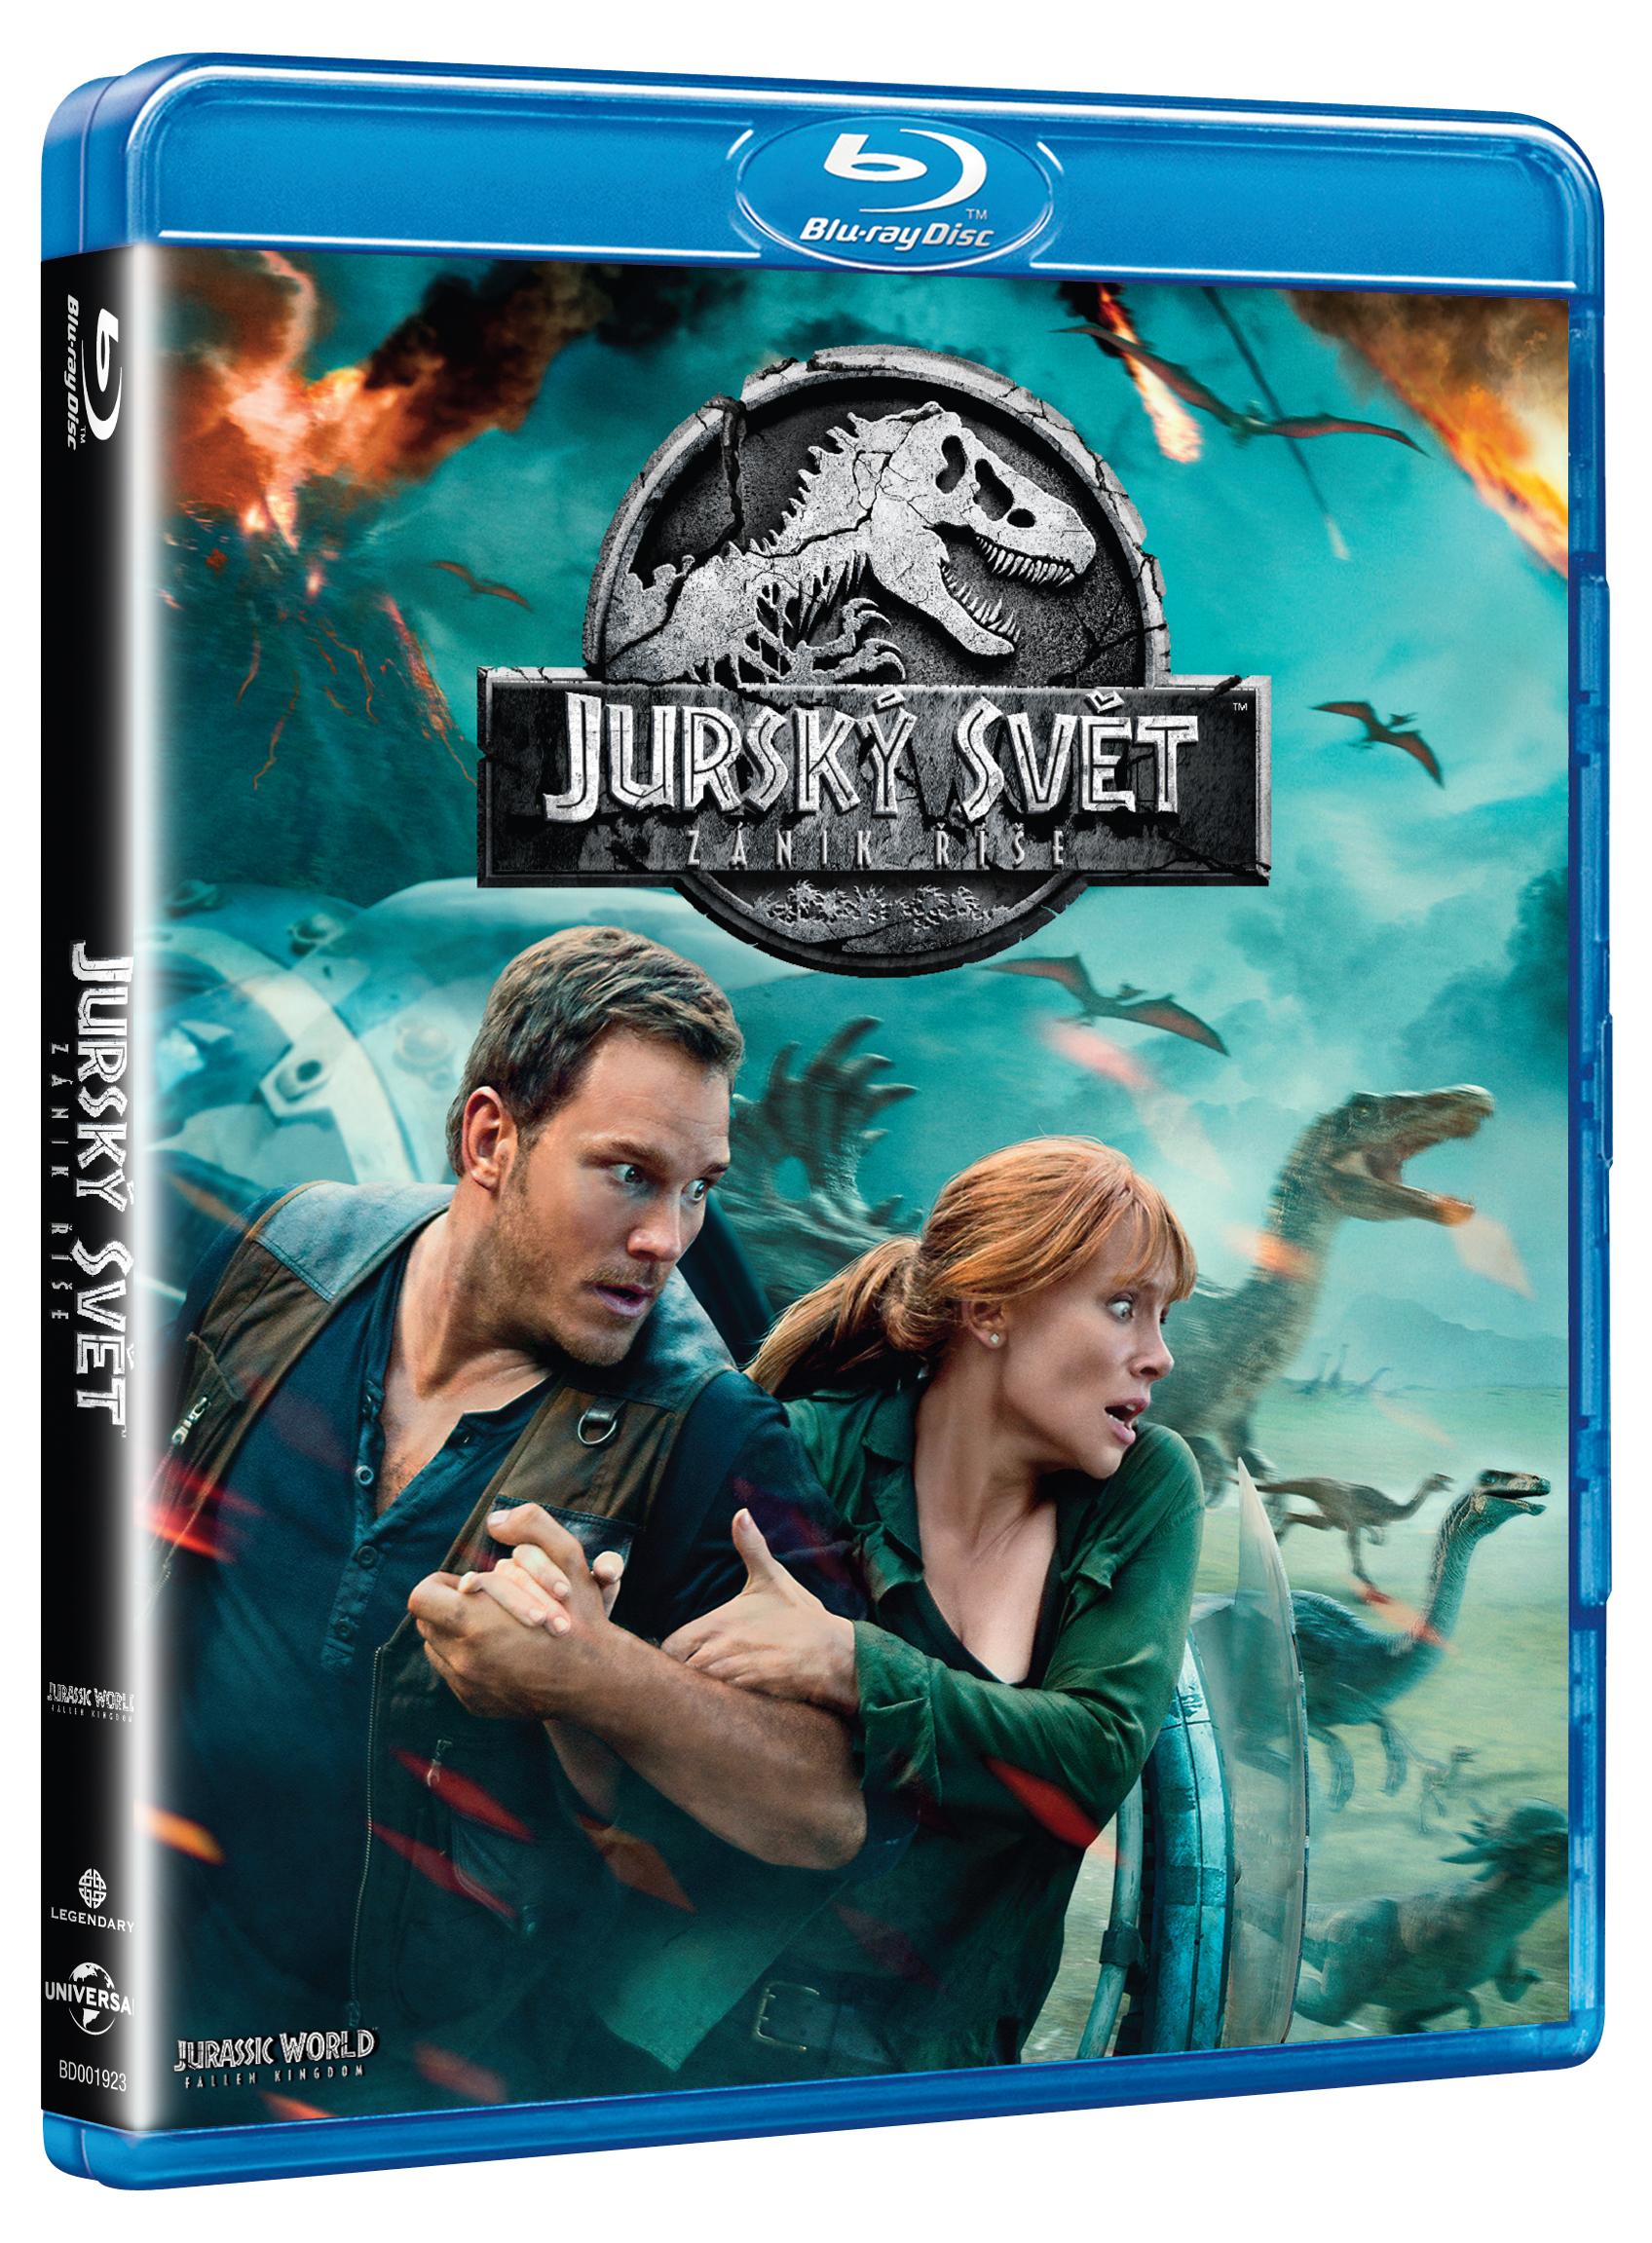 Jurský svět - Zánik říše Blu-Ray